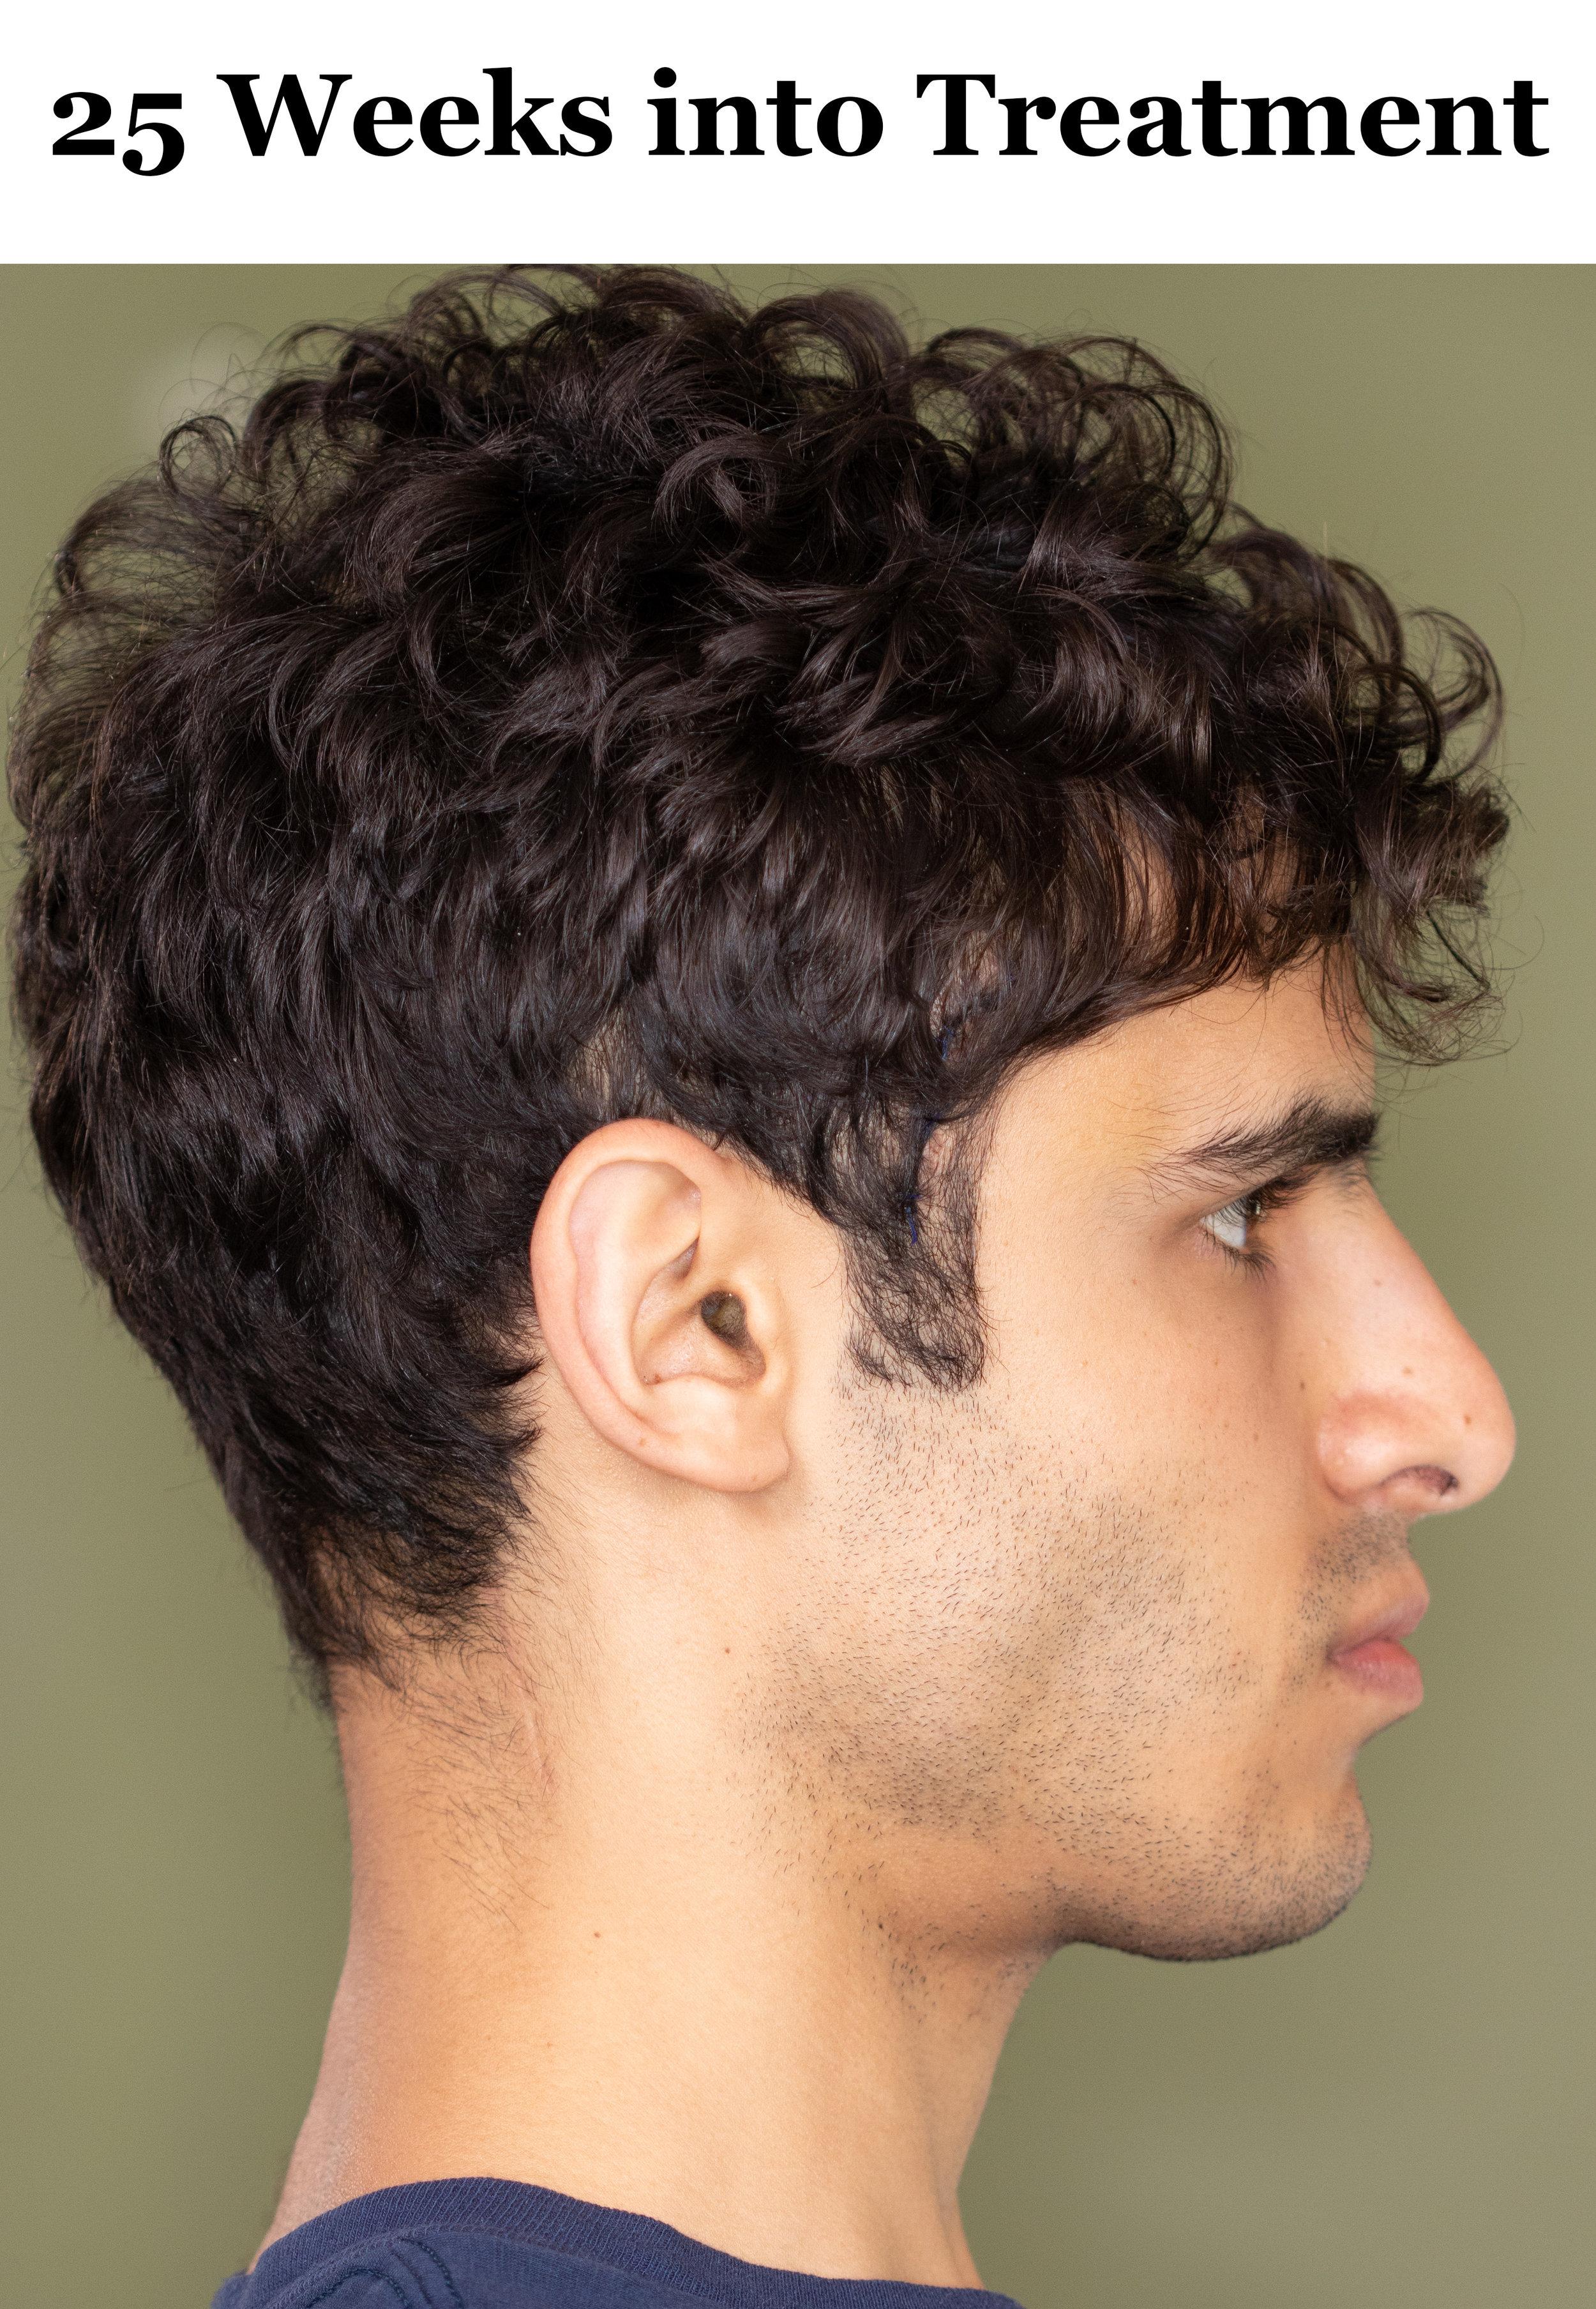 25 Weeks Side Profile.jpg